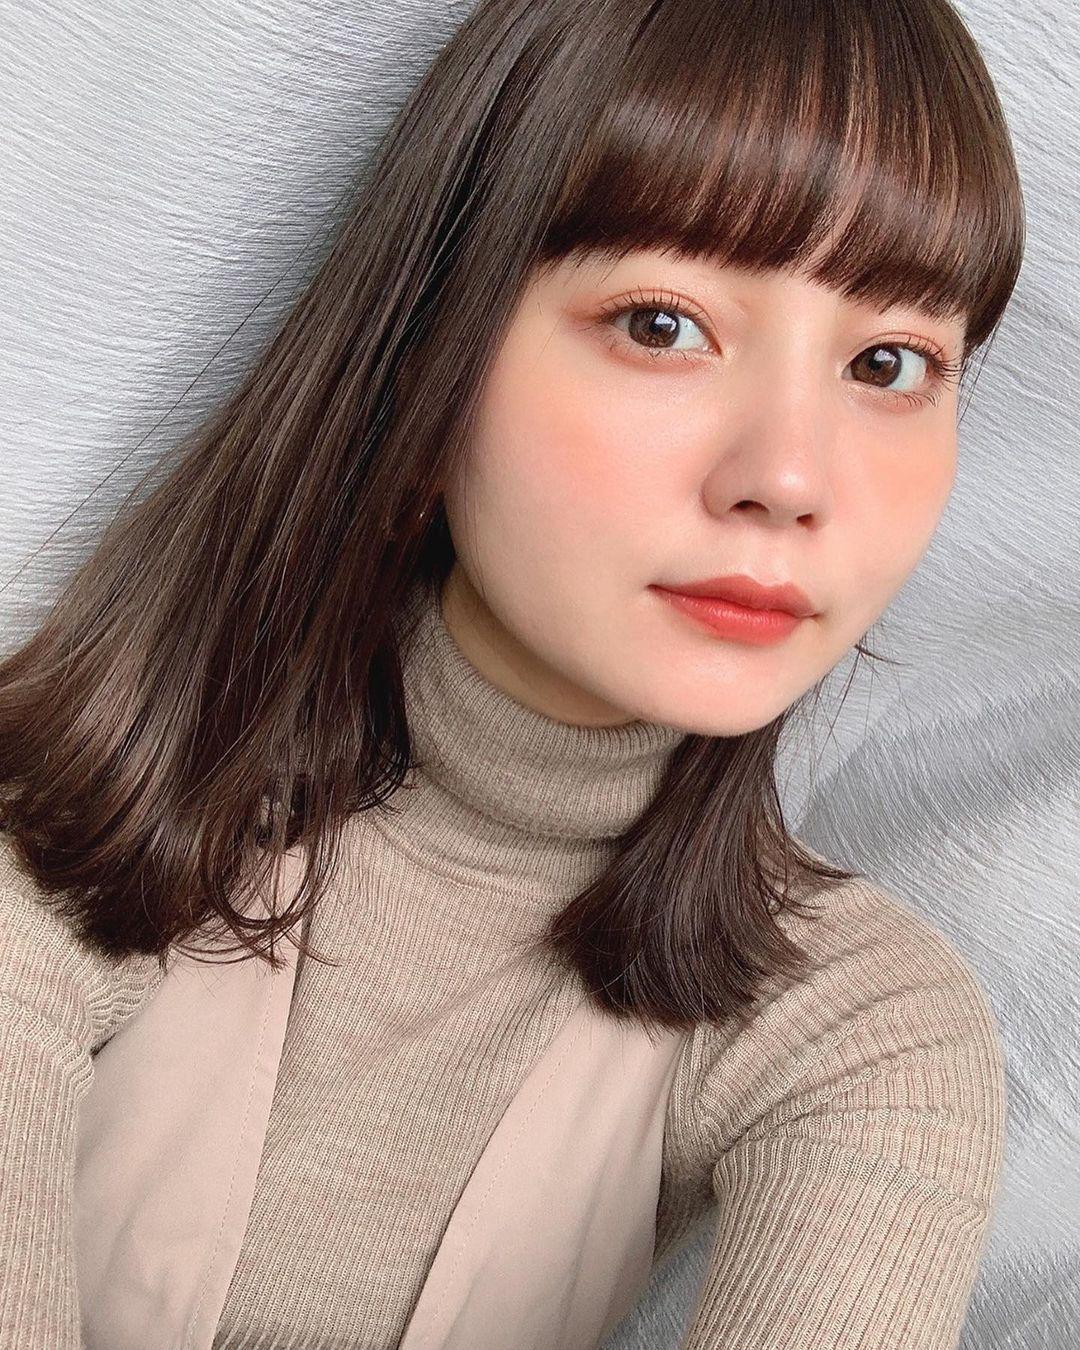 崛北真希妹妹NANAMI新生代清纯女 网络美女 第26张